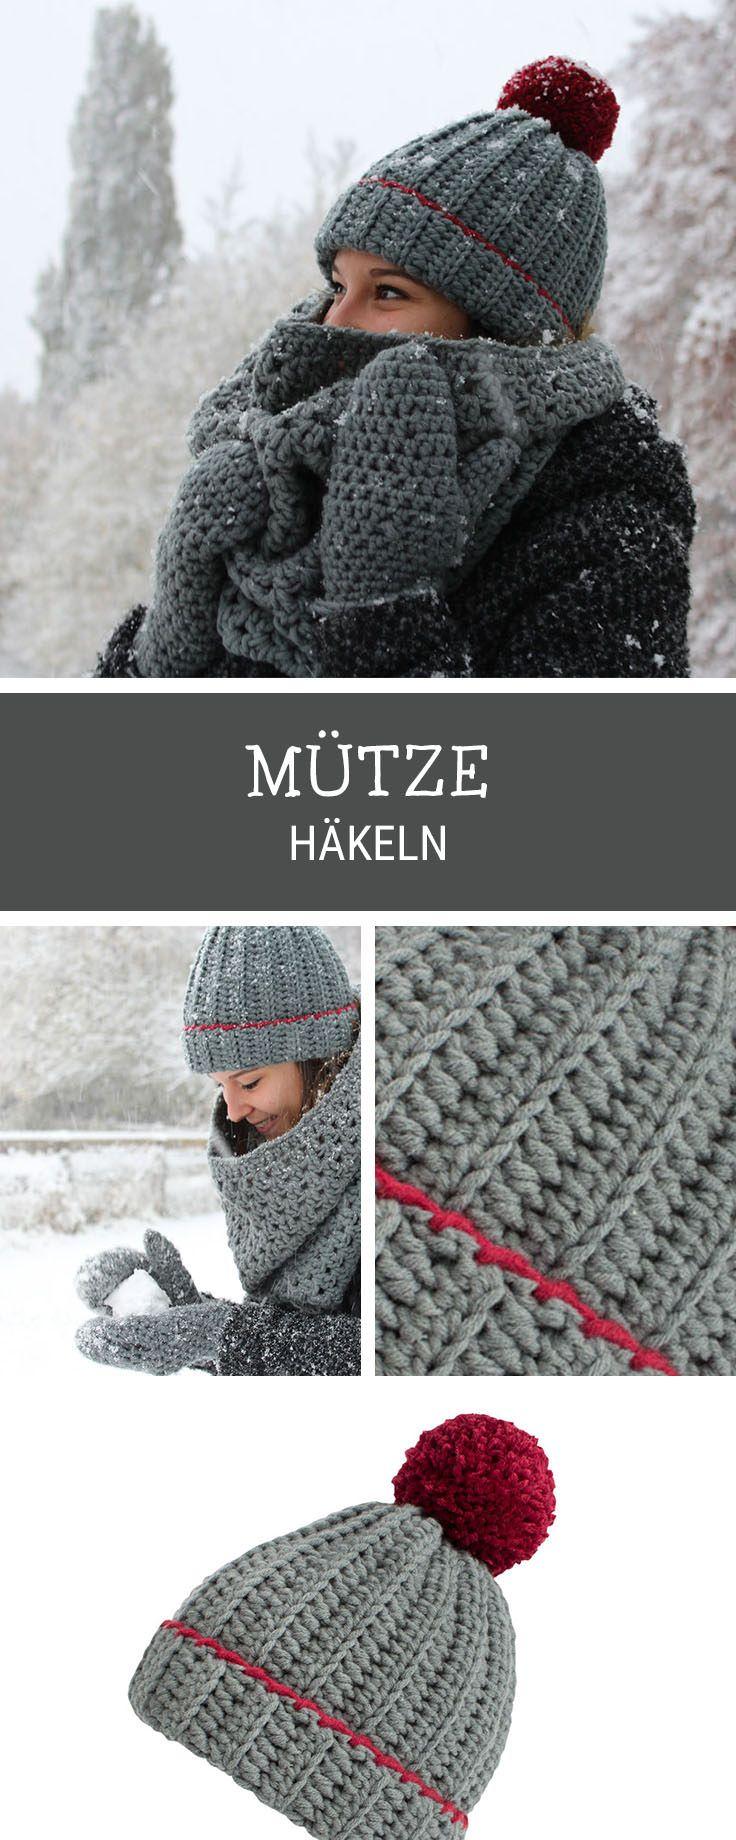 Häkelanleitung Mütze Häkeln Mit Großer Bommel Crocheting Tutorial